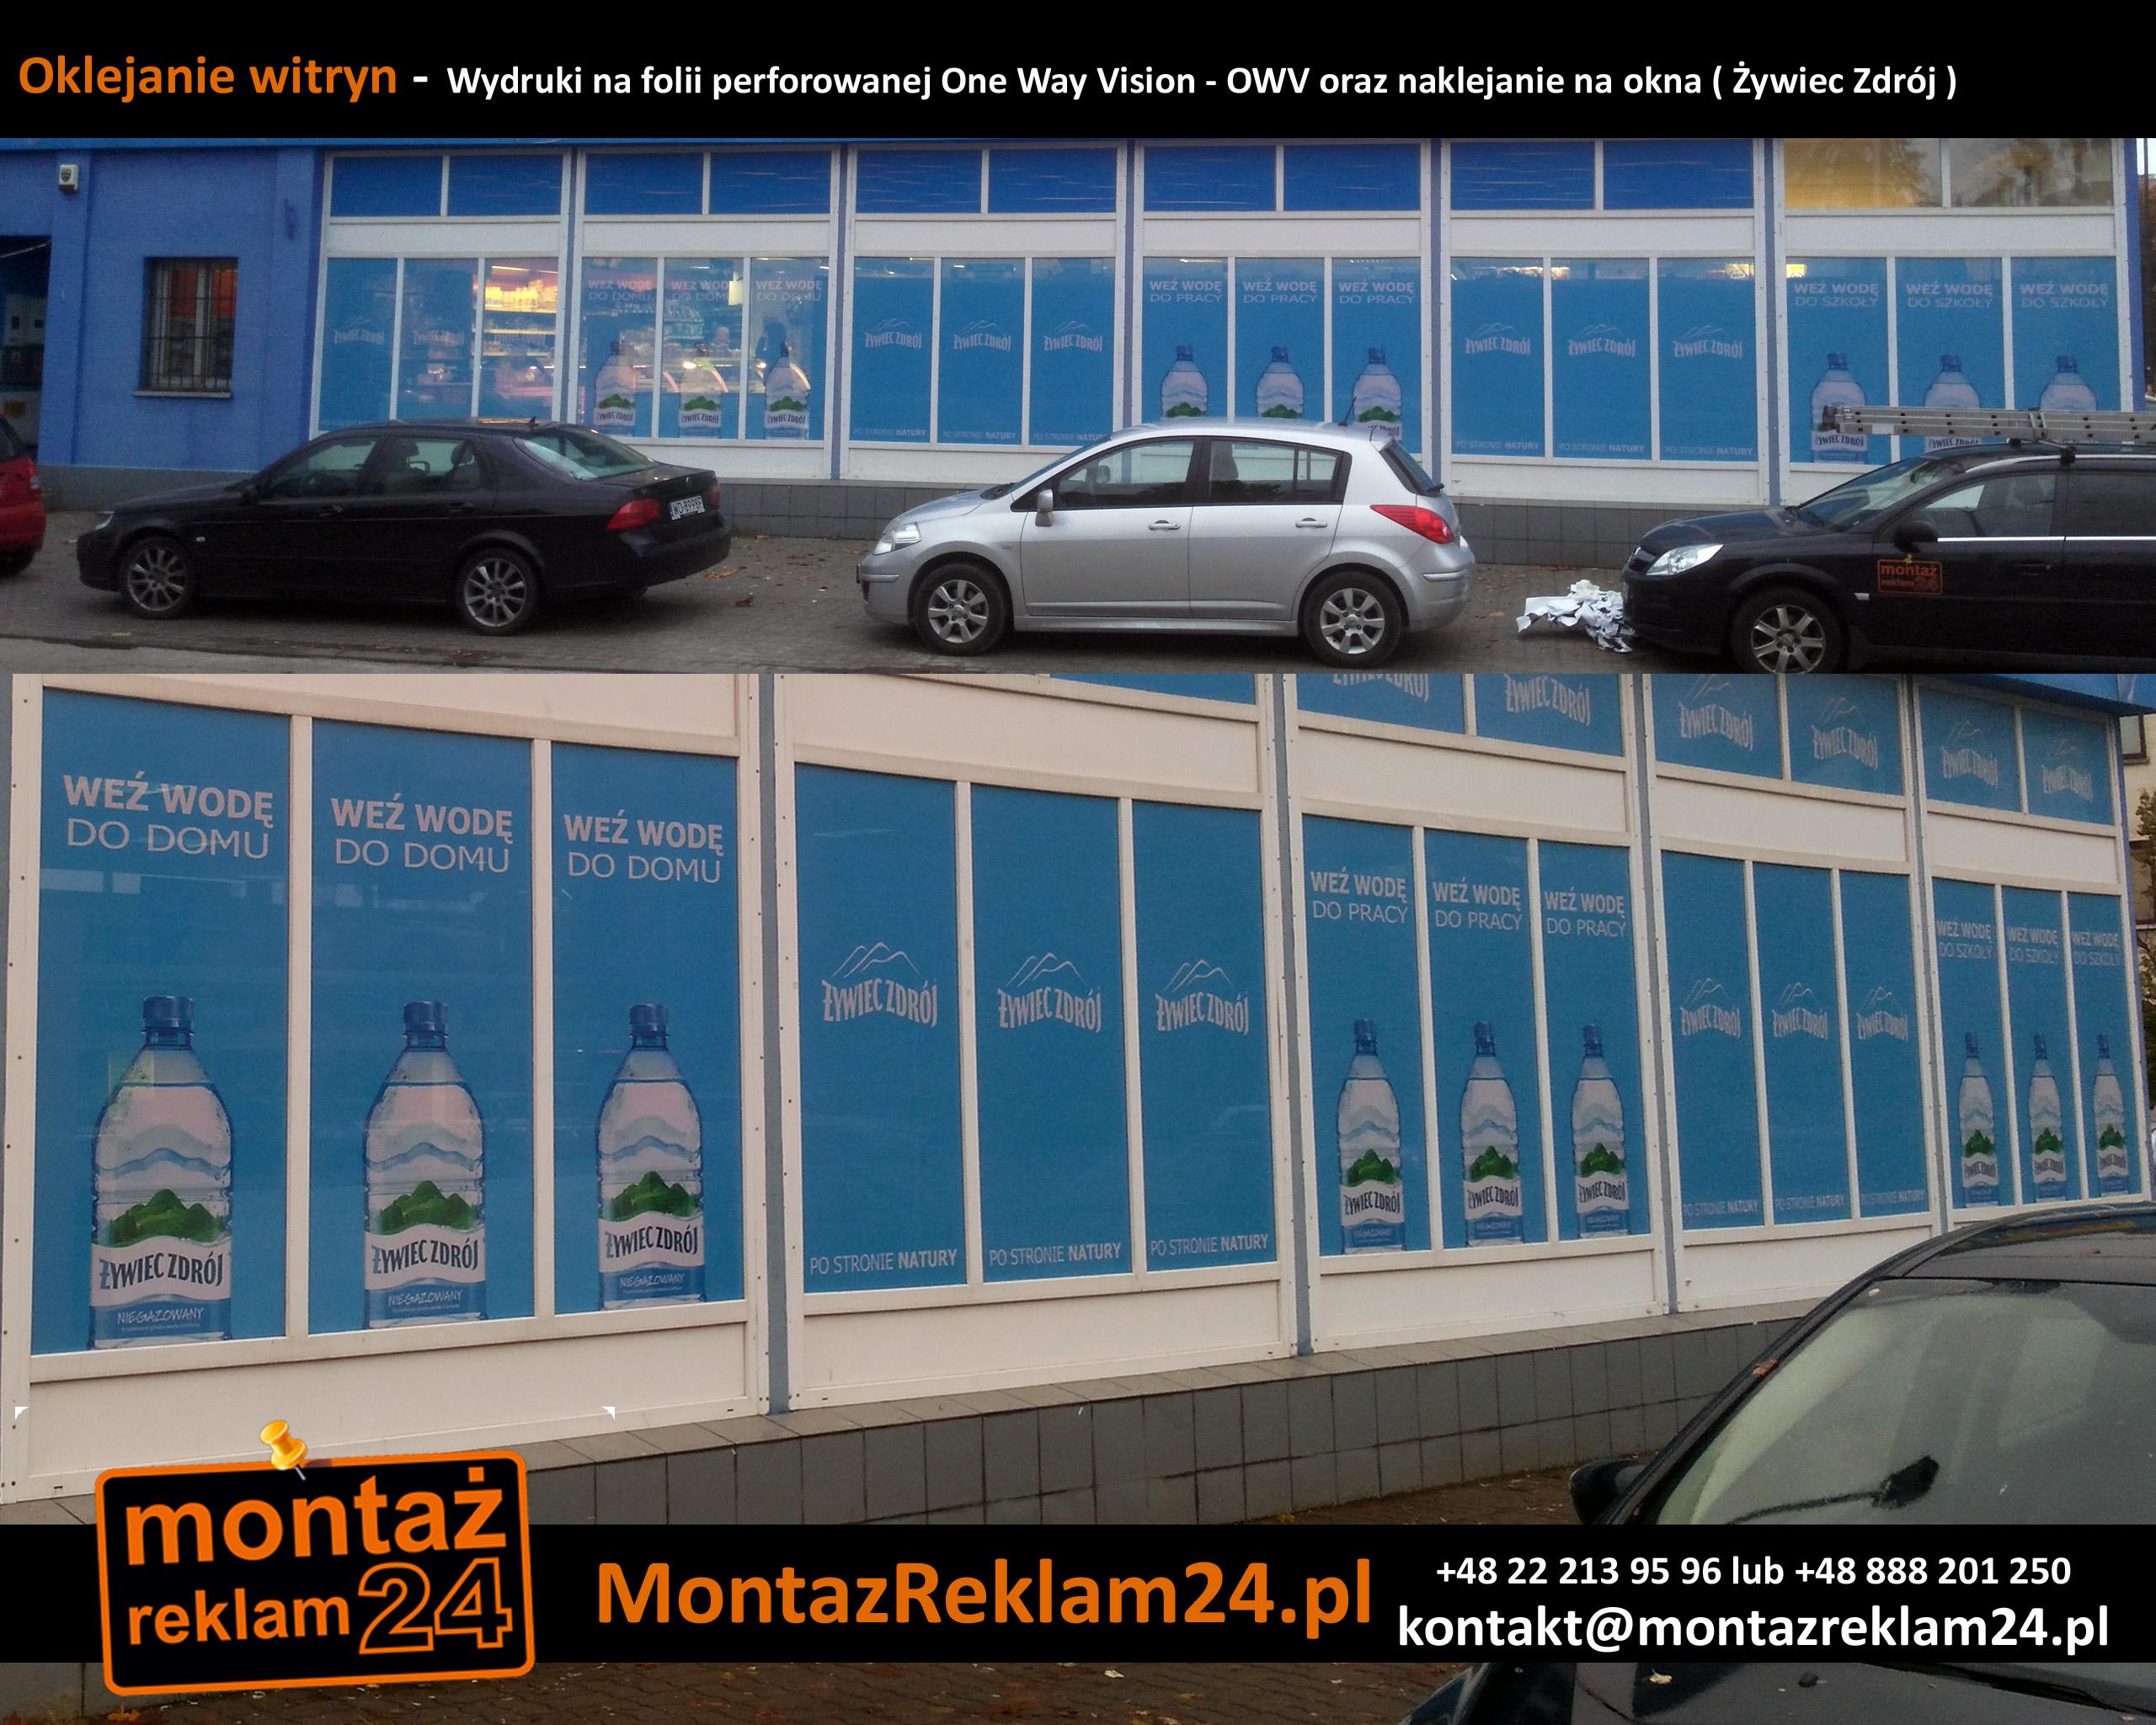 Oklejanie witryn -  Wydruki na folii perforowanej One Way Vision - OWV oraz naklejanie na okna ( Żywiec Zdrój ).jpg